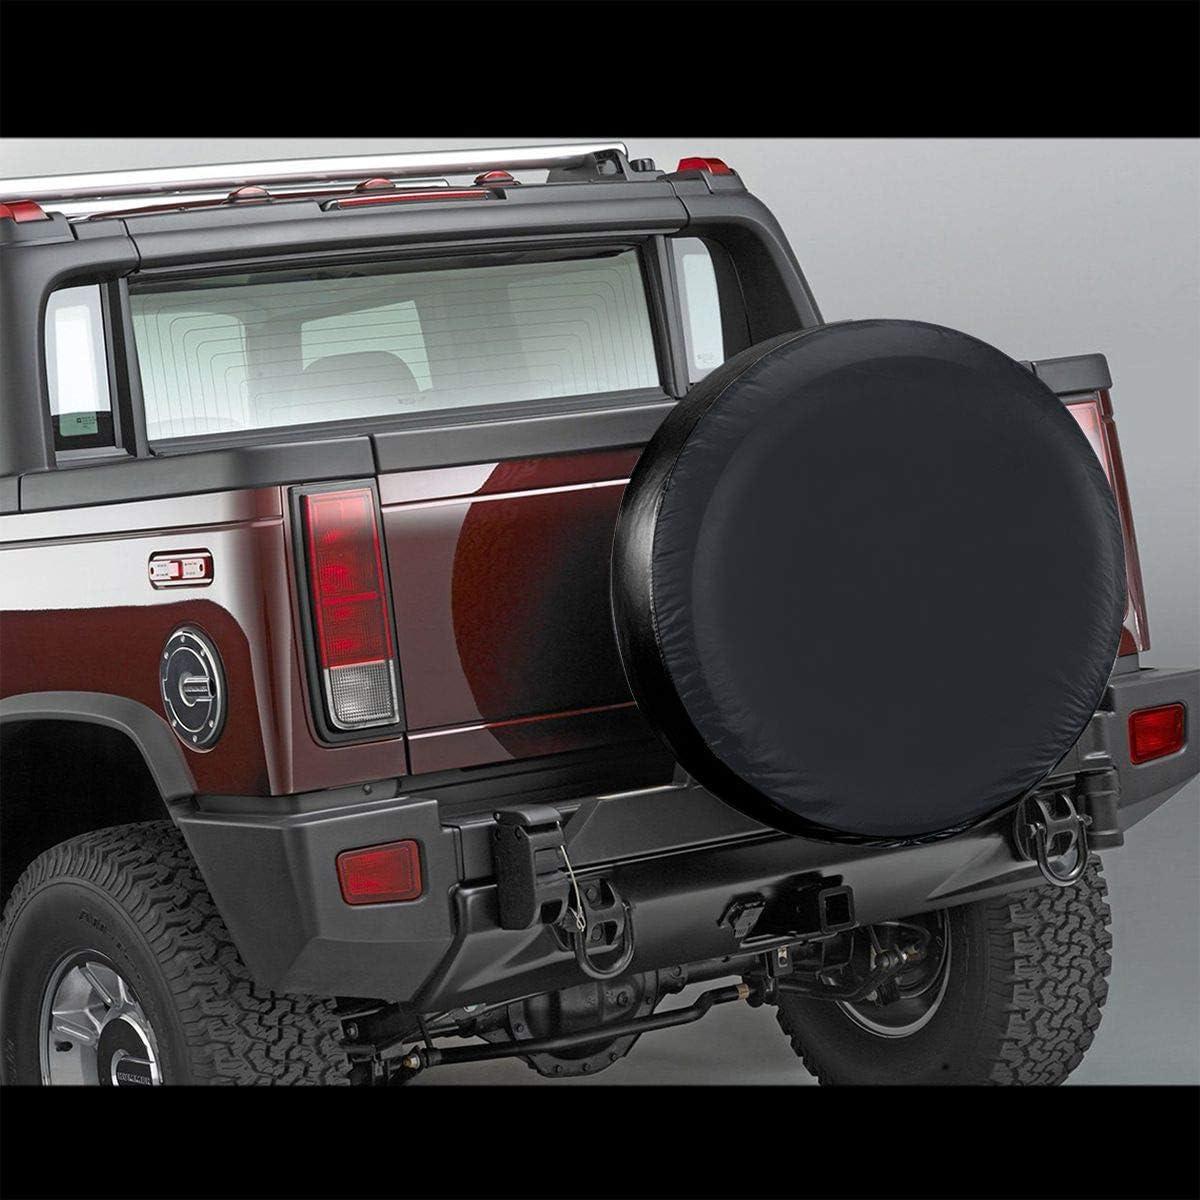 Alicoco Spare Tire Cover Vintage Off Road Grill Logo JK TJ CJ Black Fits: Jeep Wrangler Accessories,SUV,Camper and RV